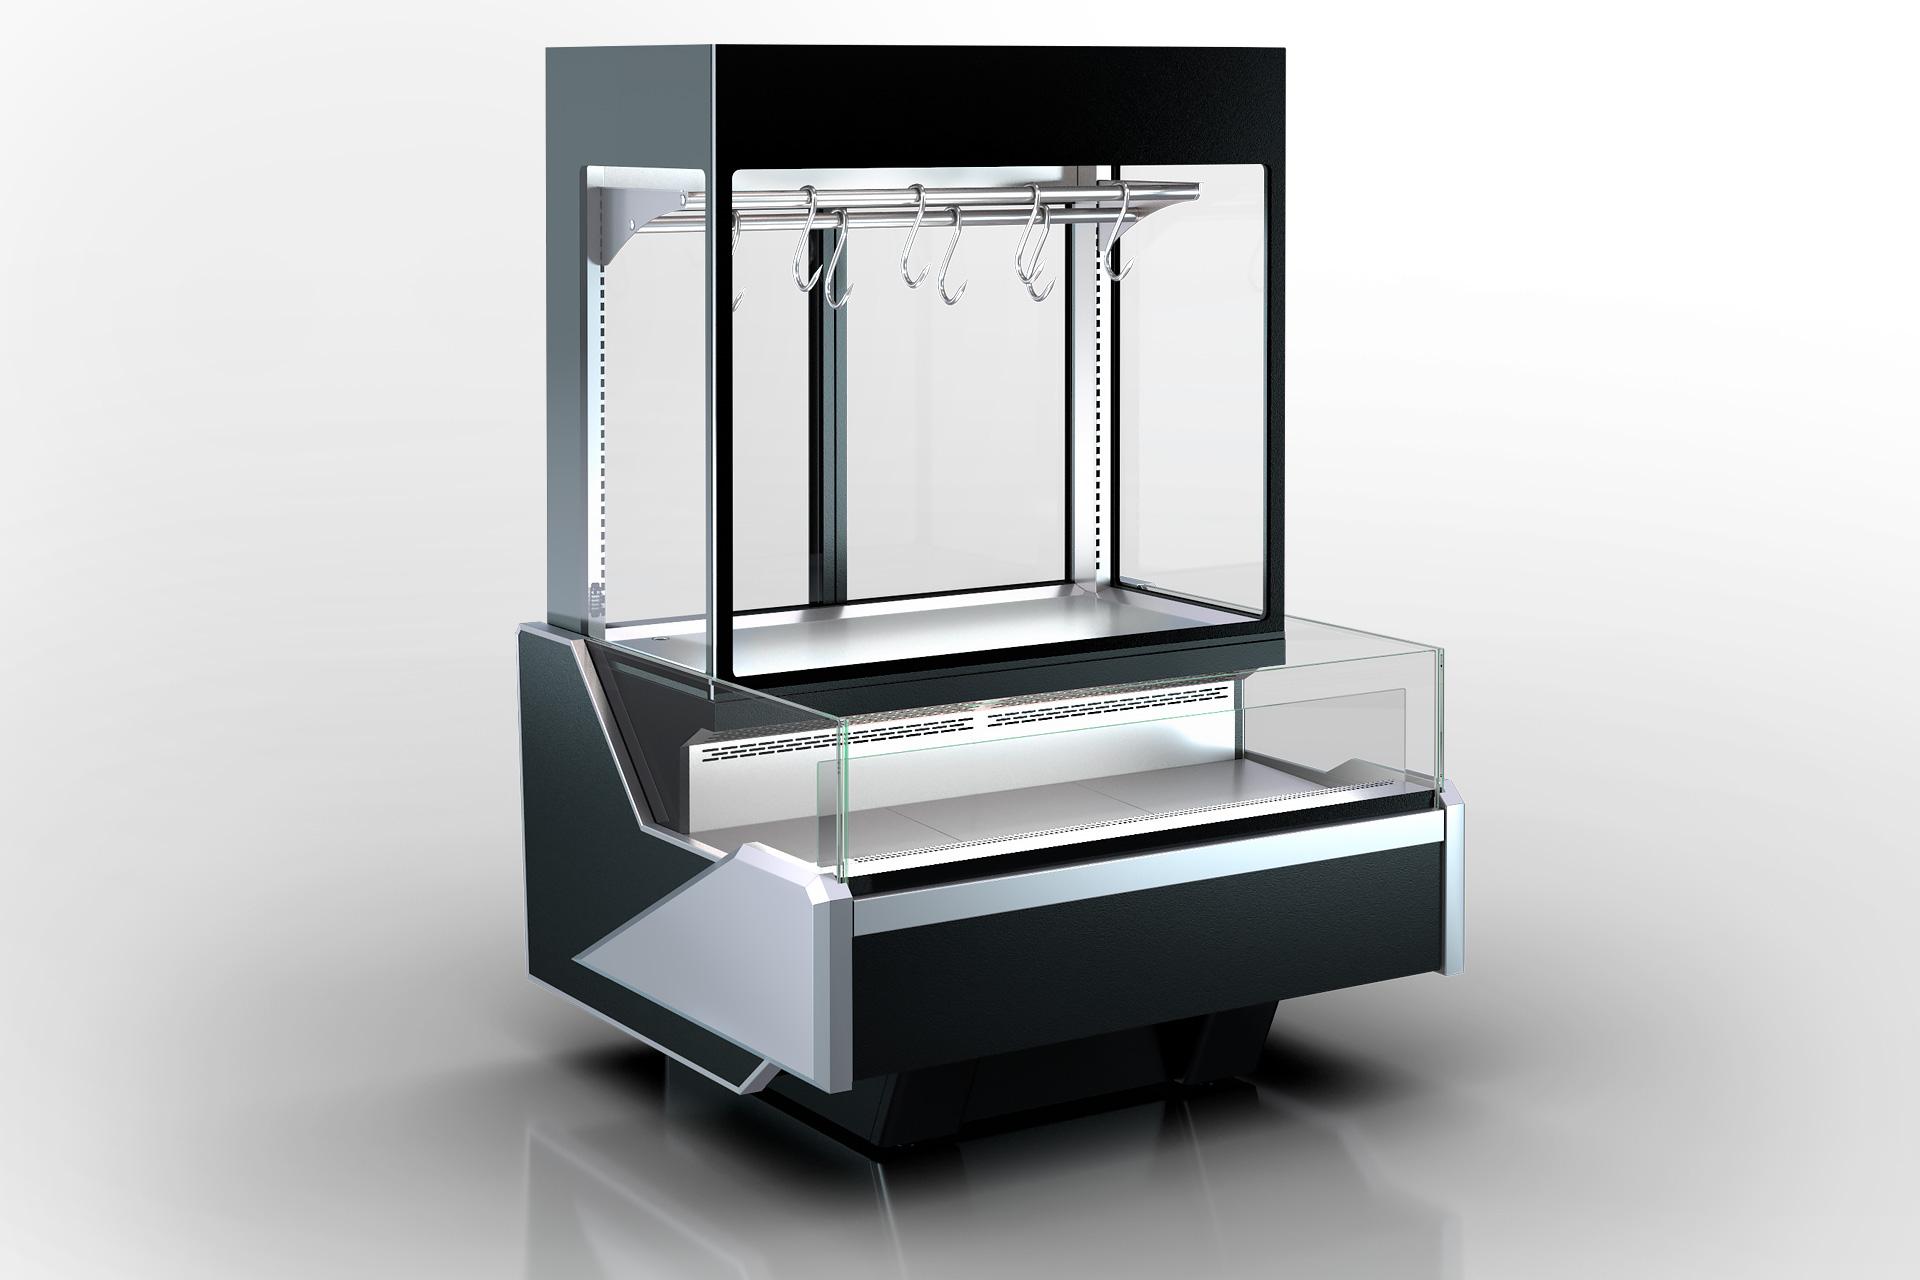 Холодильна вітрина Missouri Enigma MC 122 crystal combi S/self 200- S/DBM/DBA